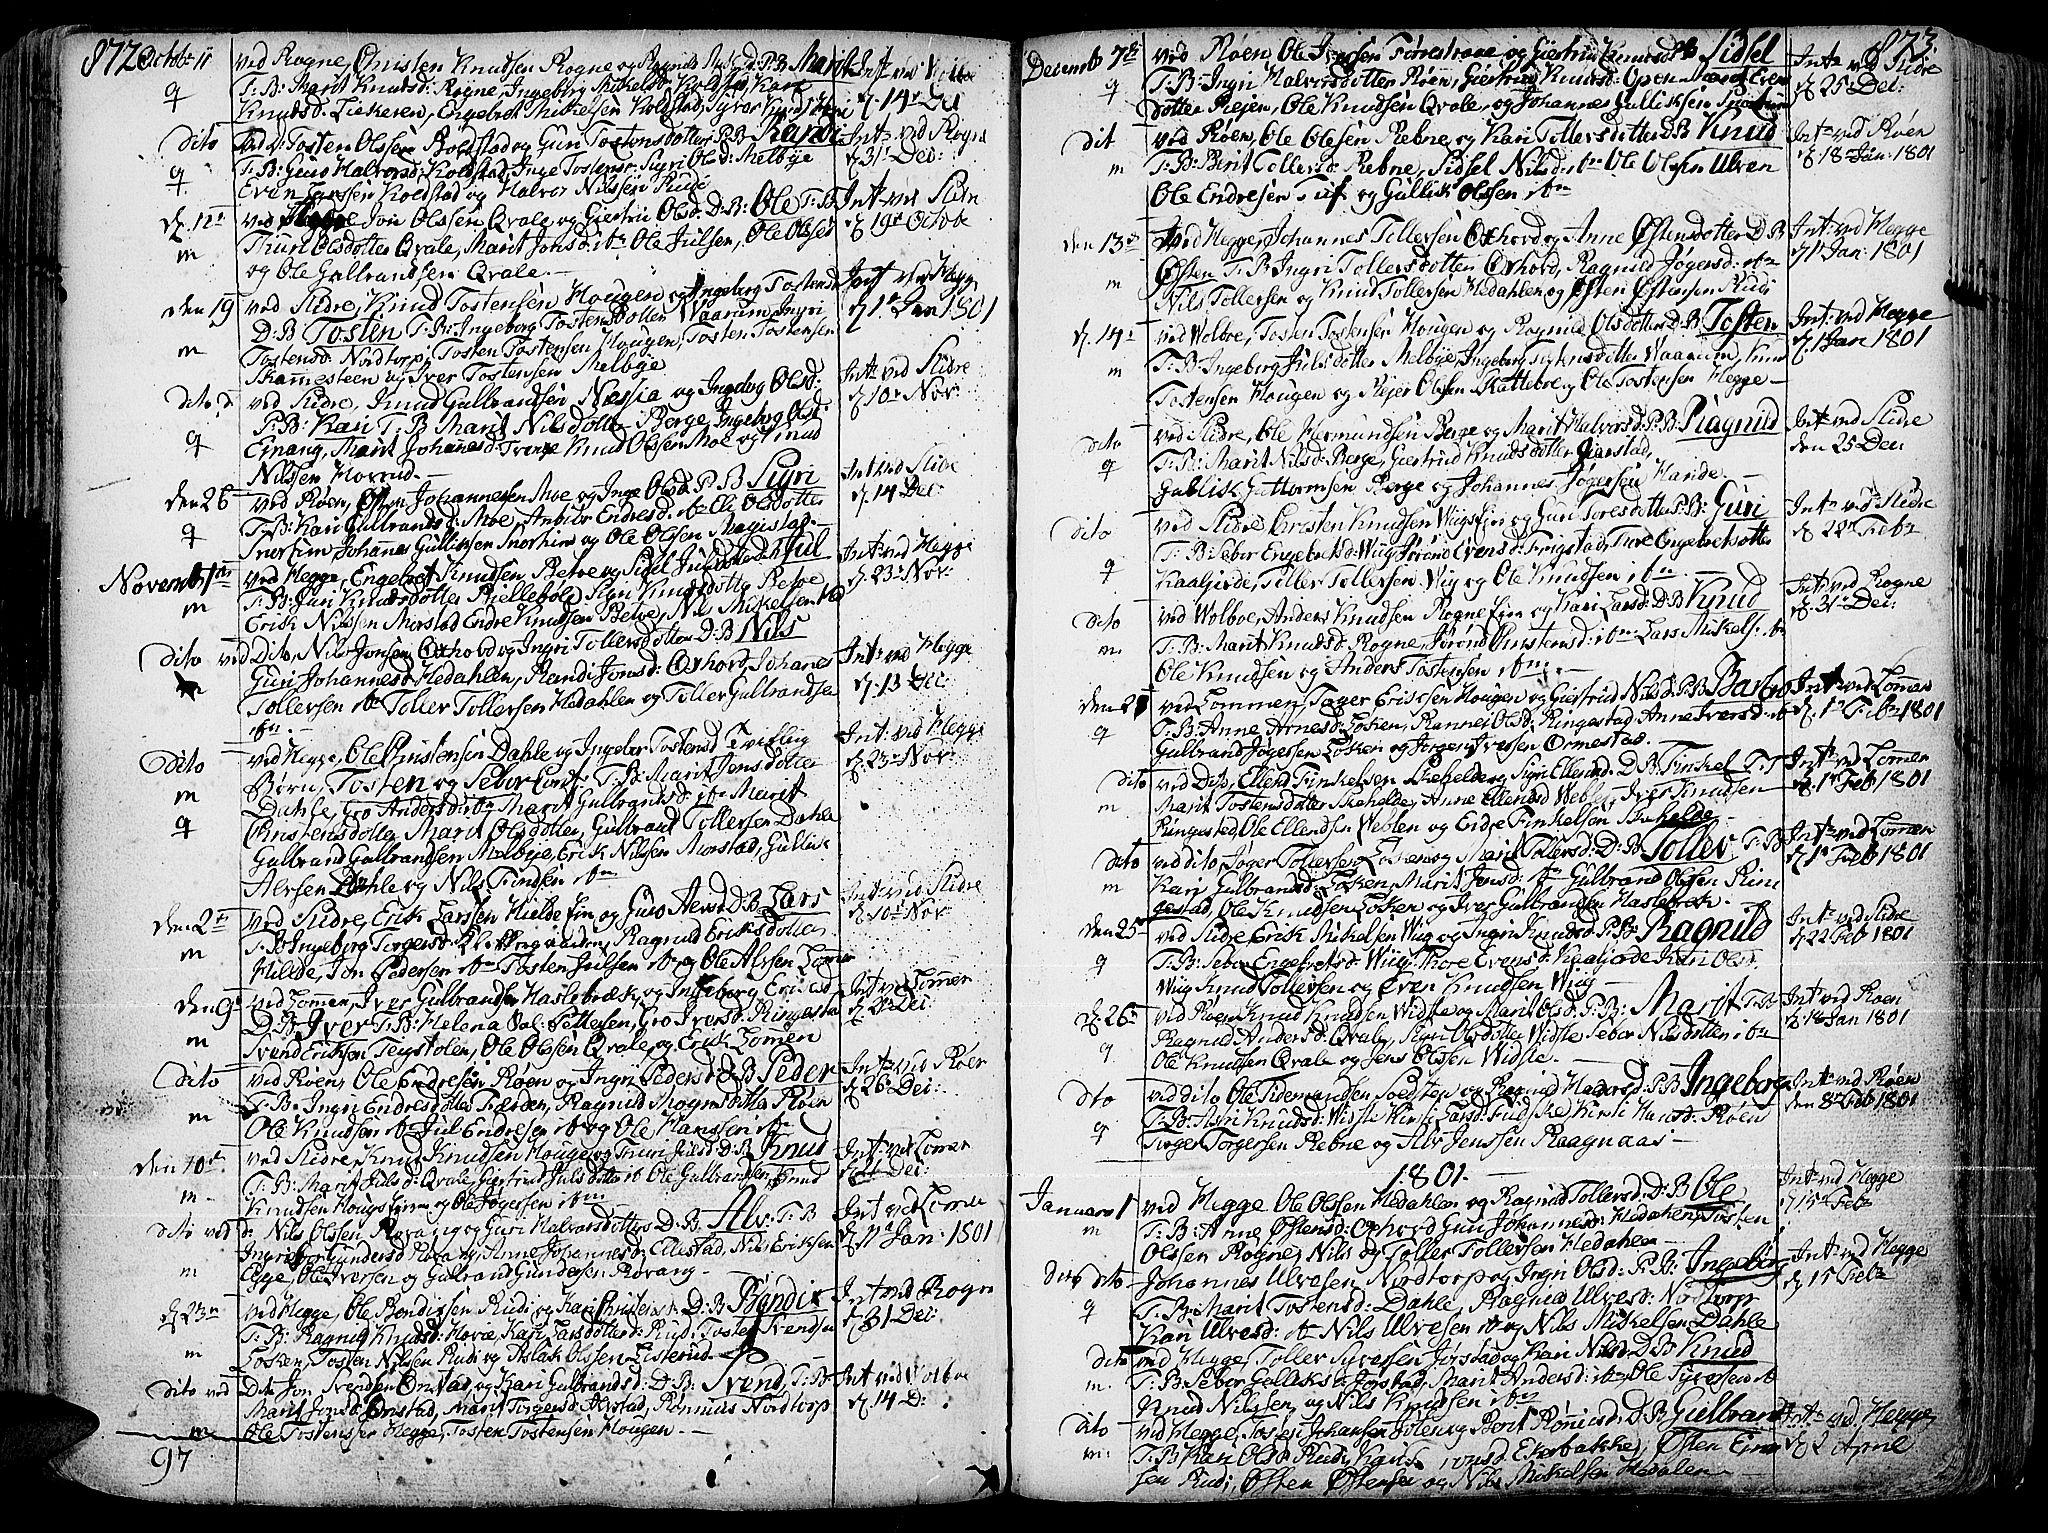 SAH, Slidre prestekontor, Ministerialbok nr. 1, 1724-1814, s. 872-873